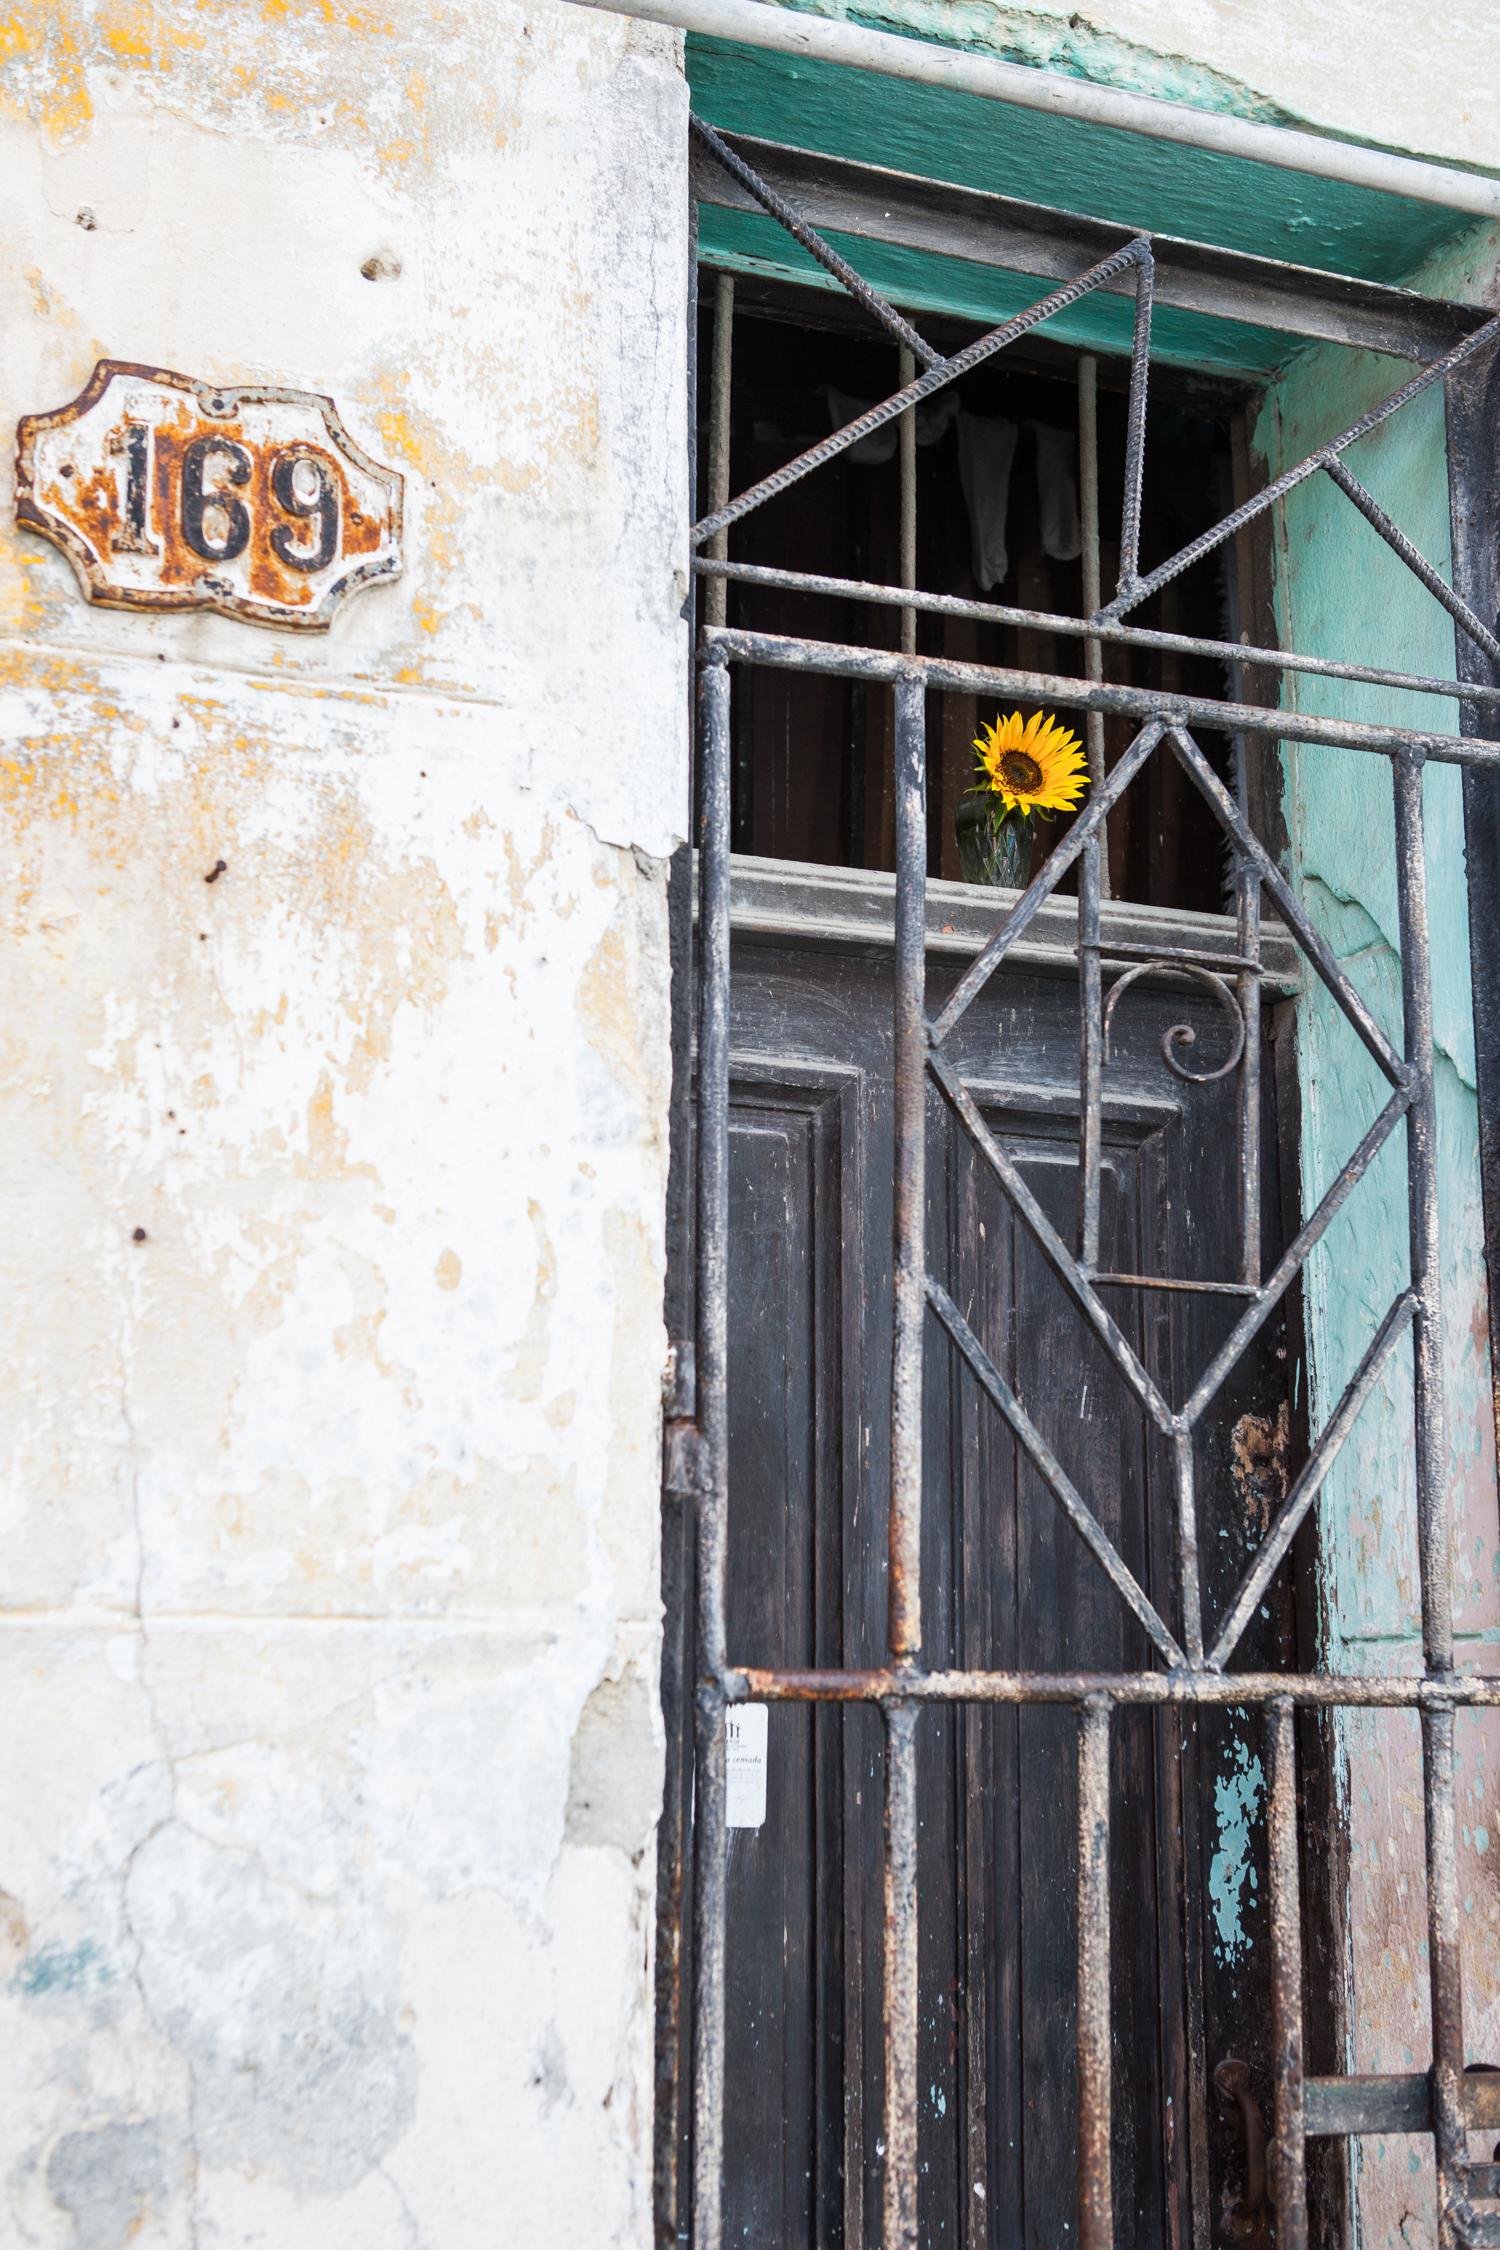 Cuba_2017-11-11-8542.jpg